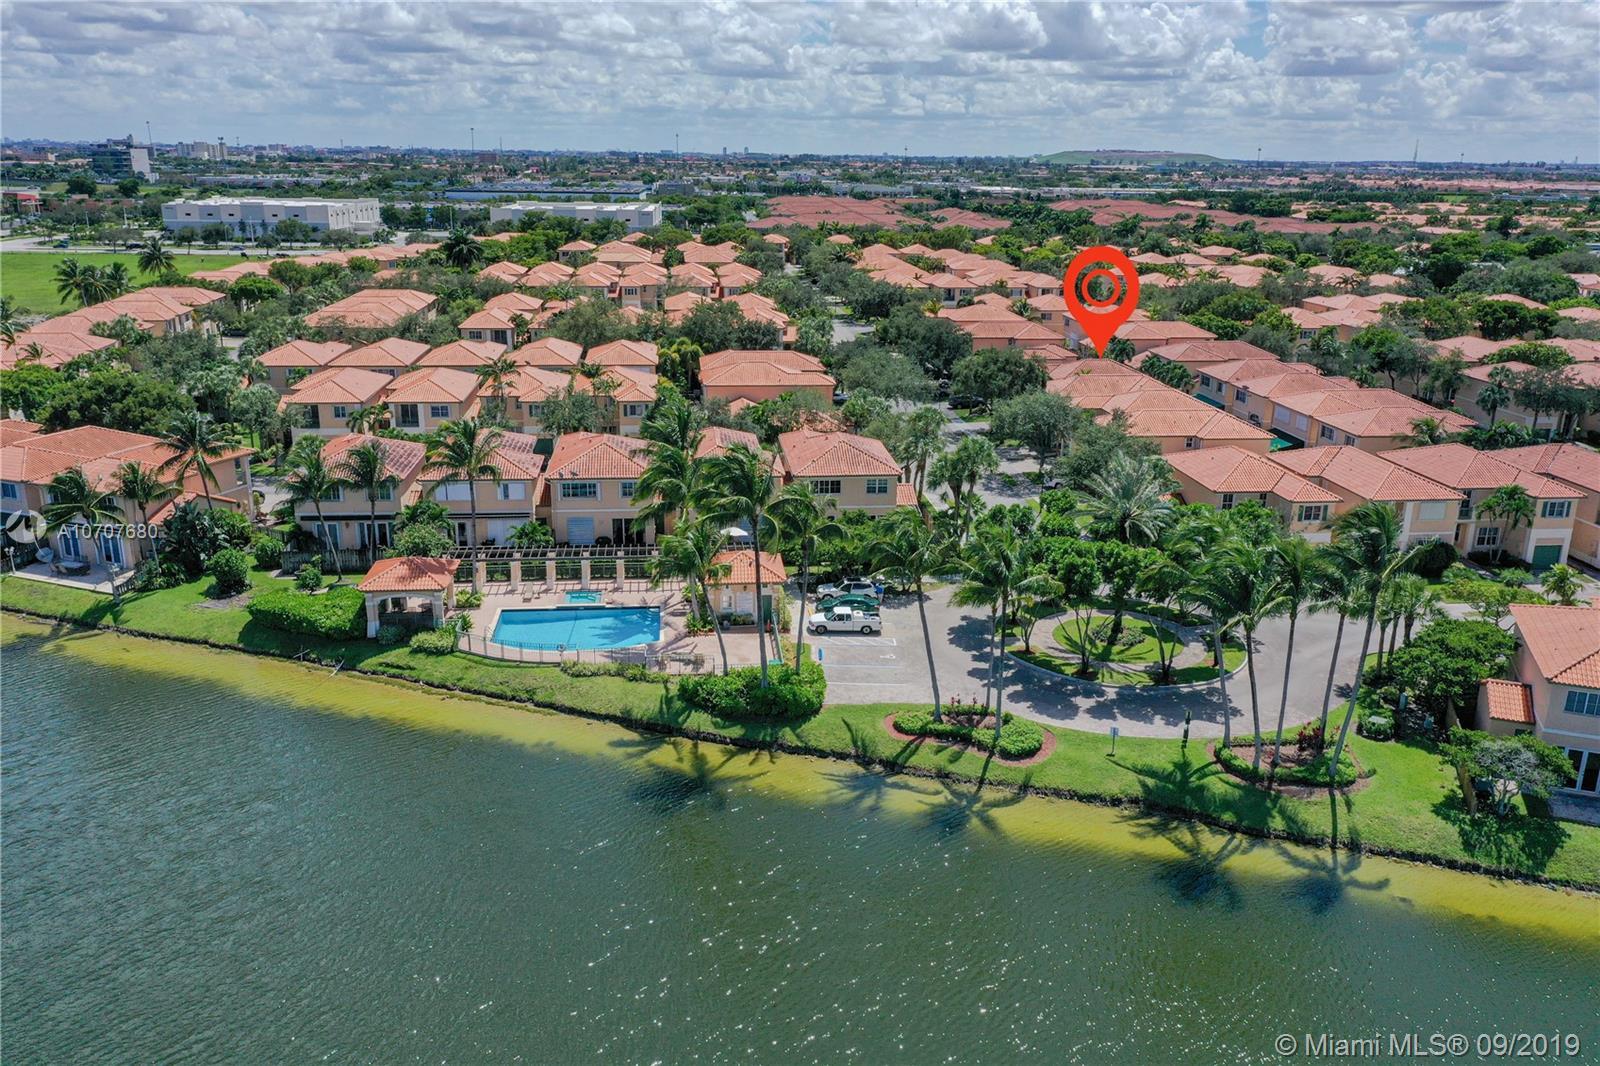 Miami Lakes # - 29 - photo